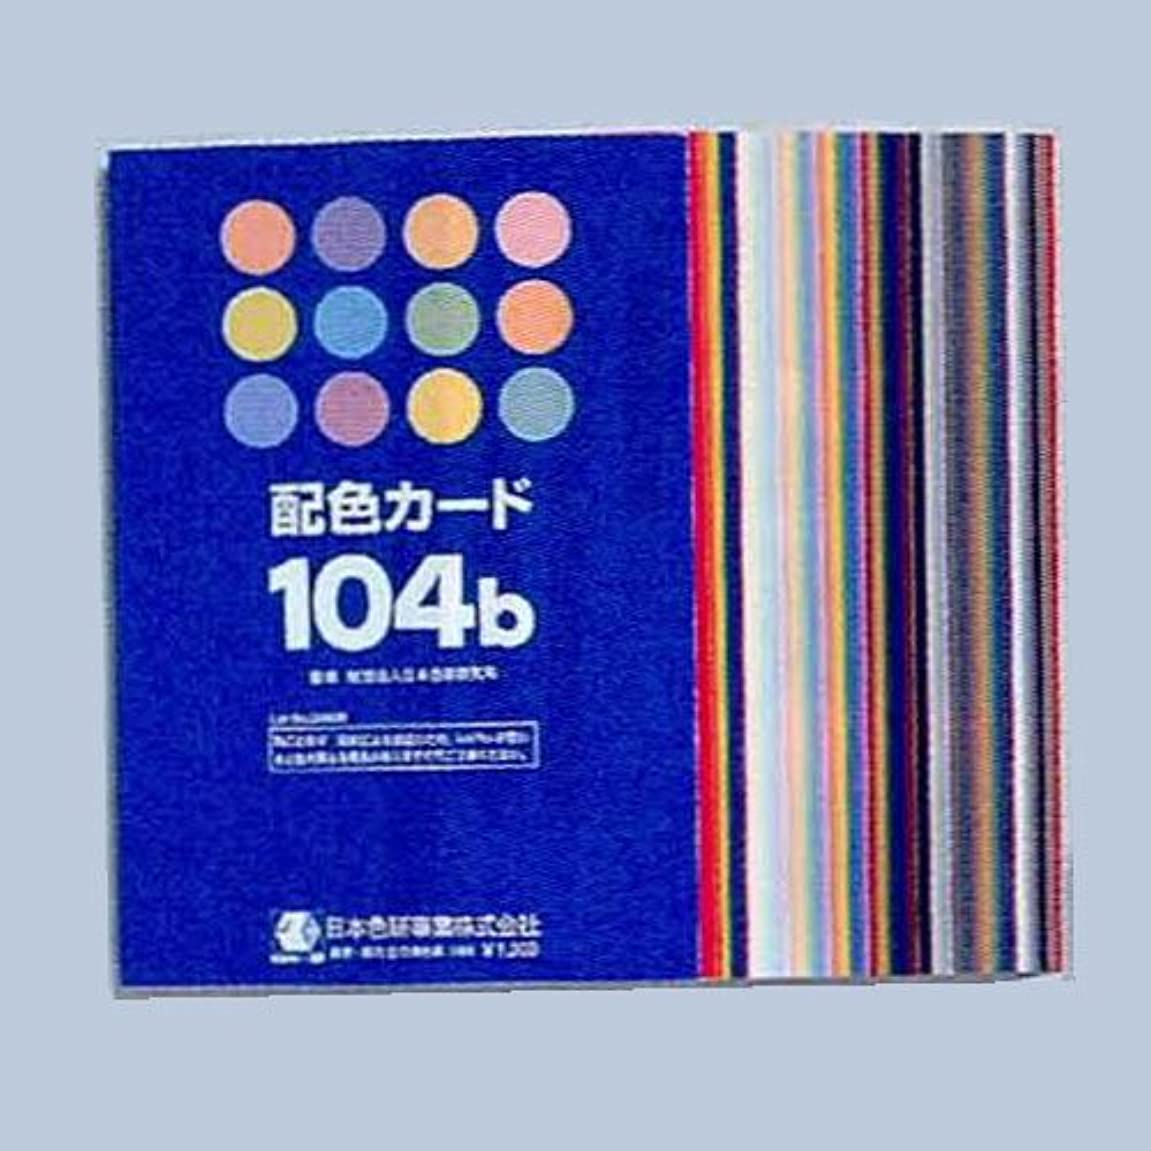 囲まれたワックス返還配色カード 104b B04-1002